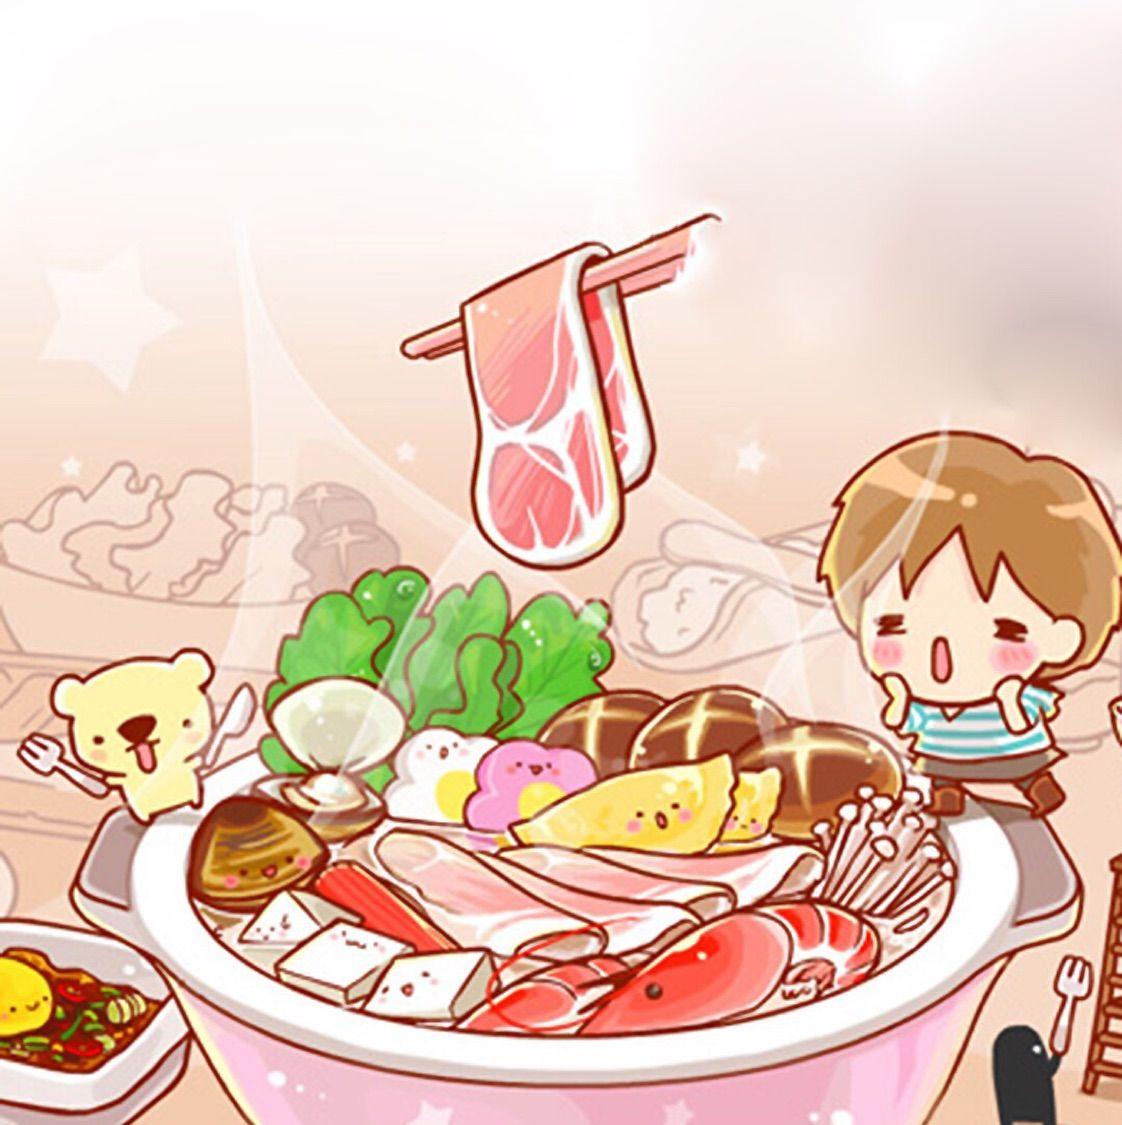 火锅背景图片卡通